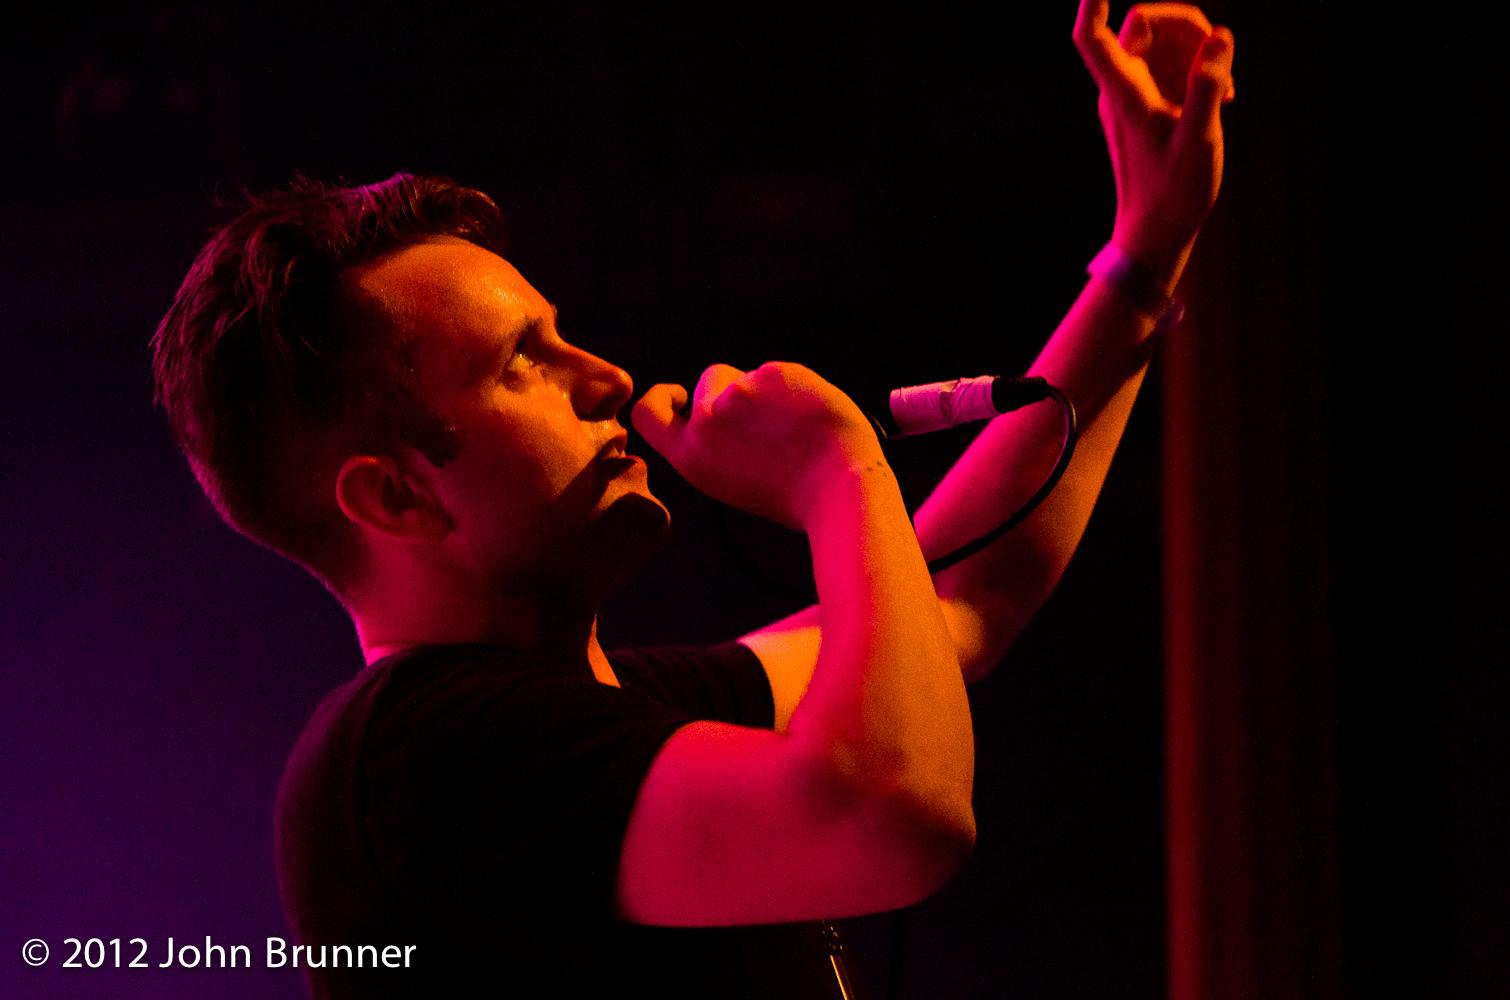 john-brunner-8631